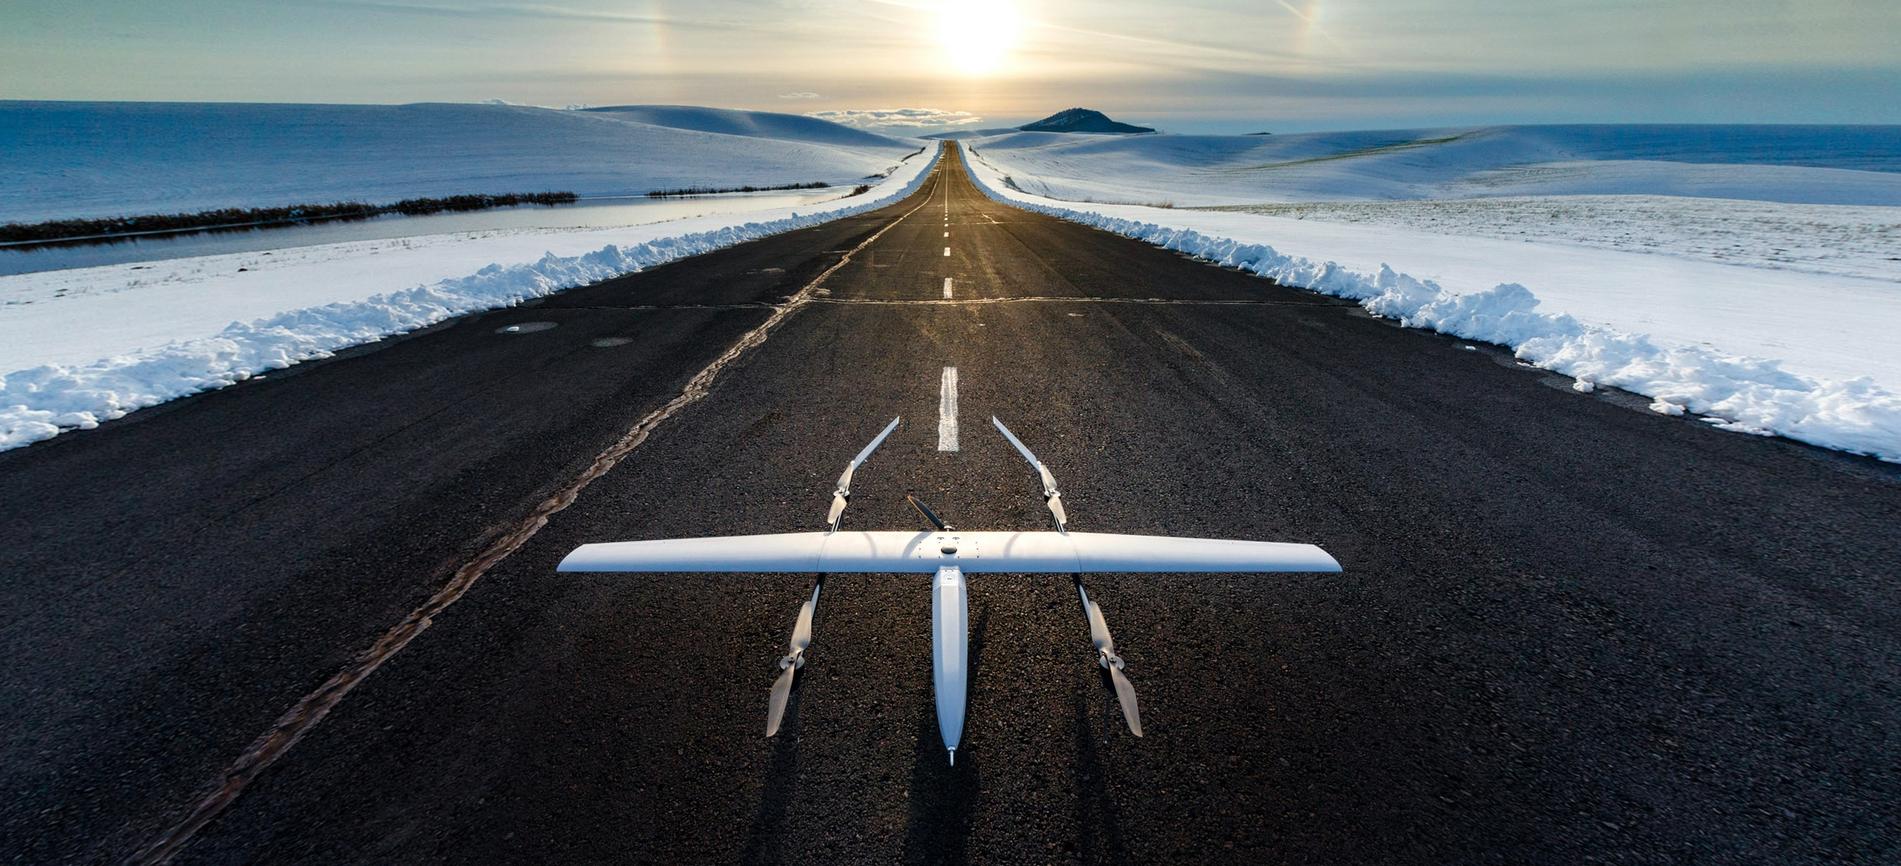 Hybrid_Project_VTOl_UAV